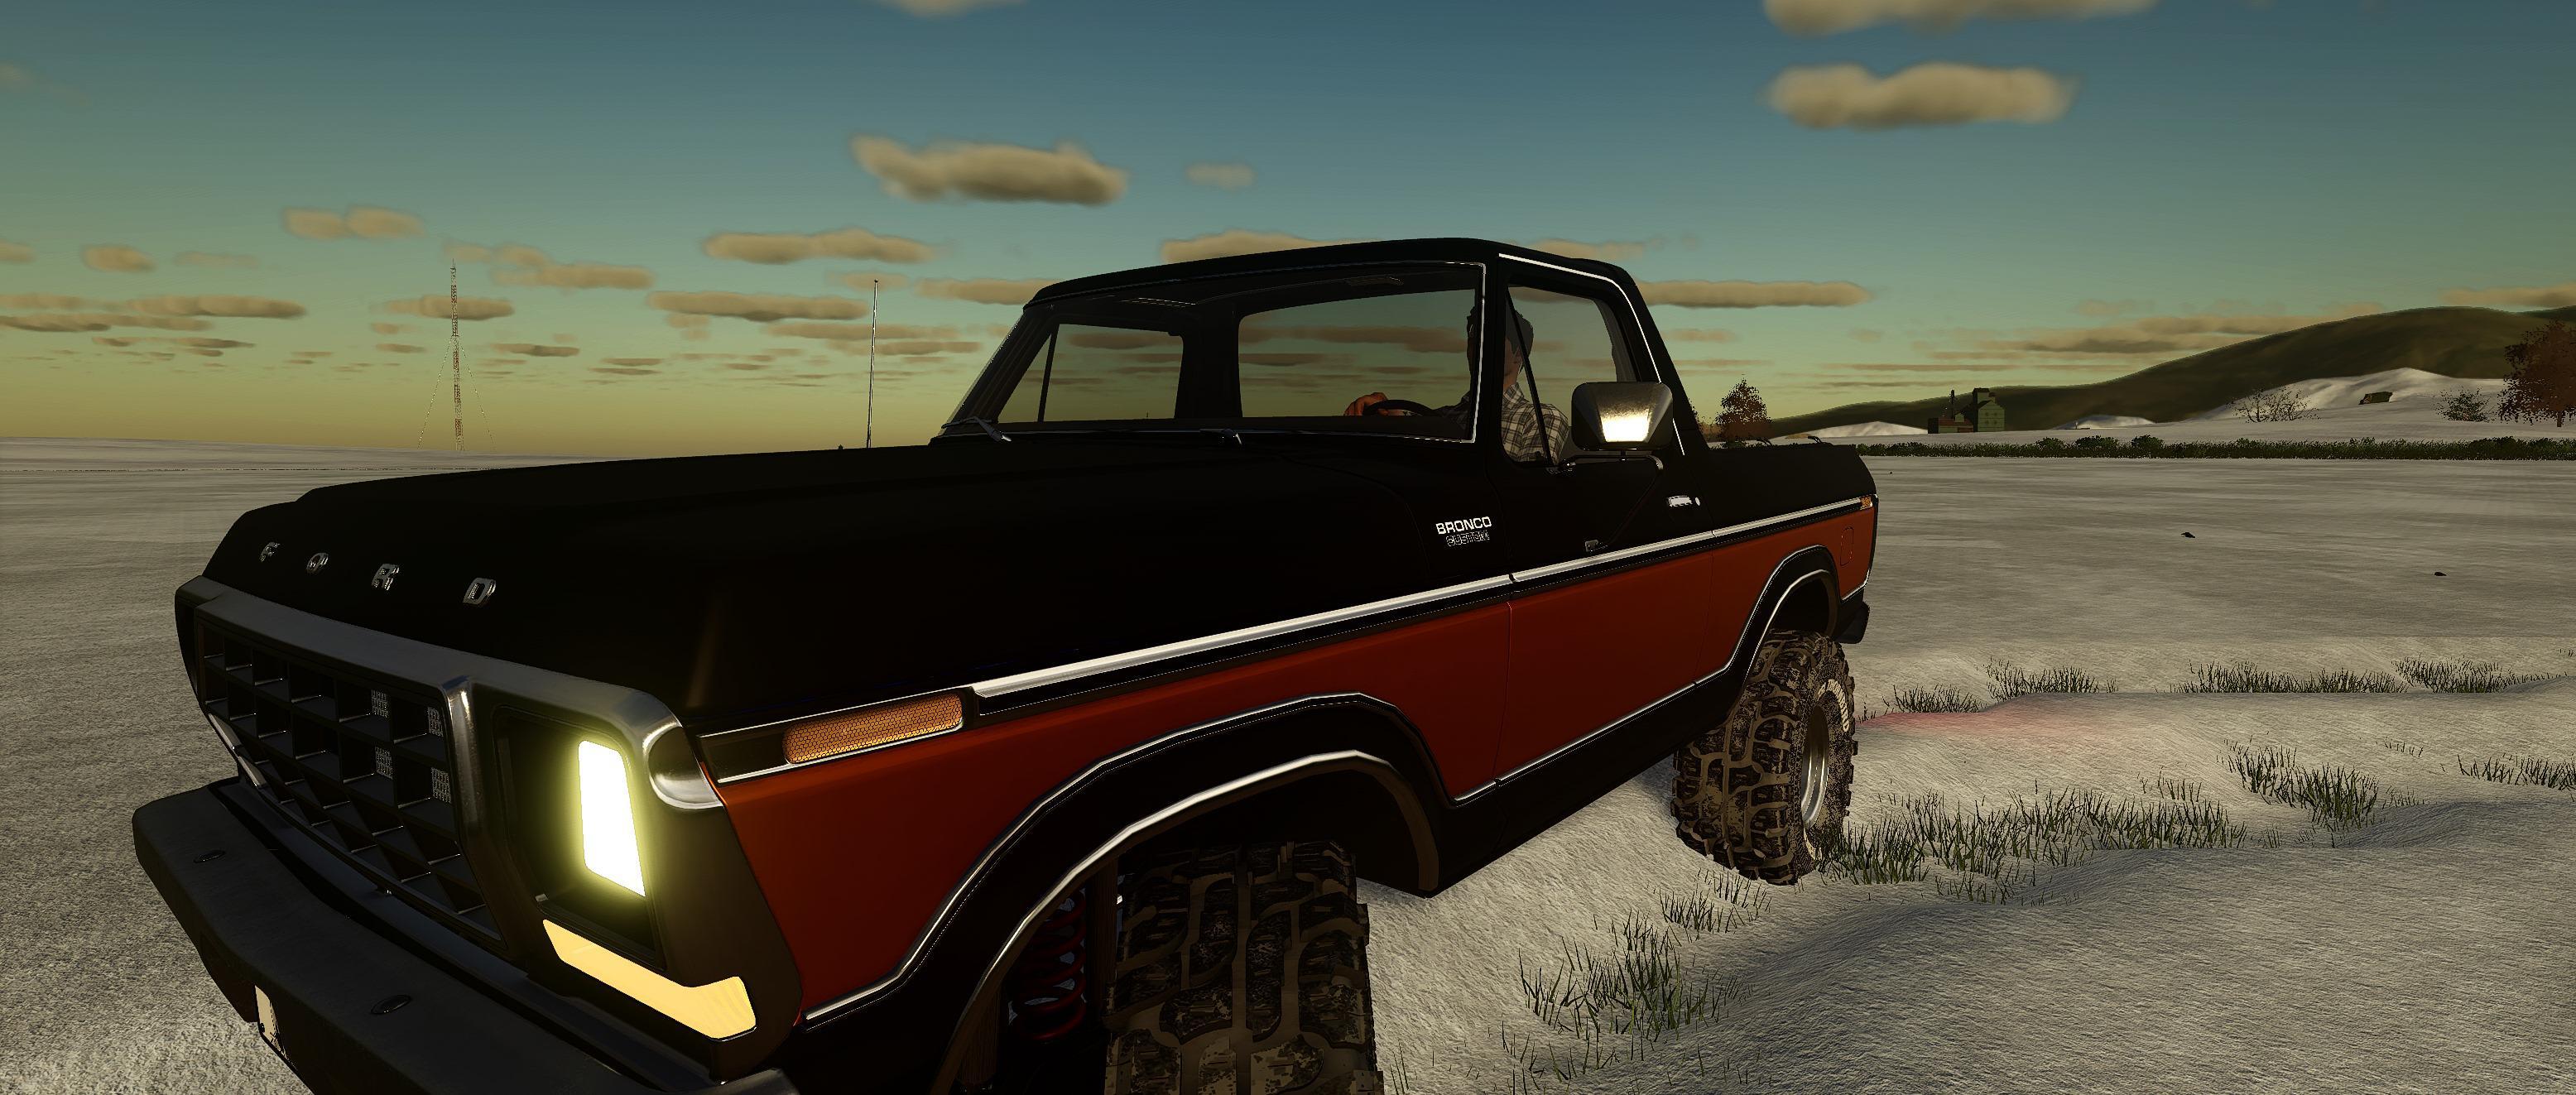 FS19 - Ford Bronco Custom 1978 v0.9